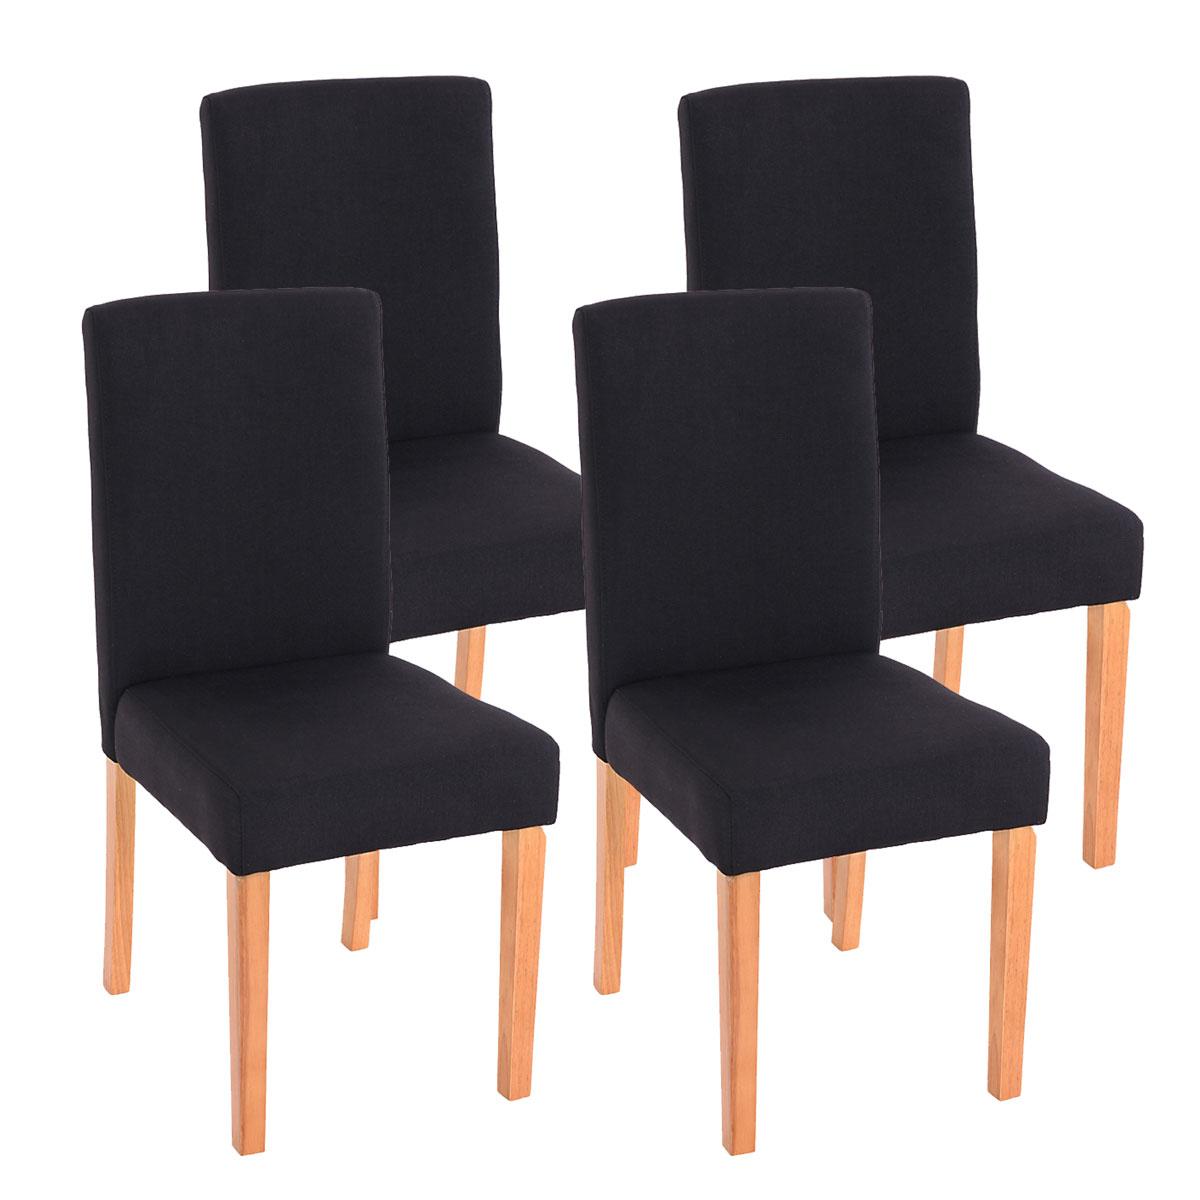 4x esszimmerstuhl stuhl lehnstuhl littau textil schwarz for Stuhl 4 beine